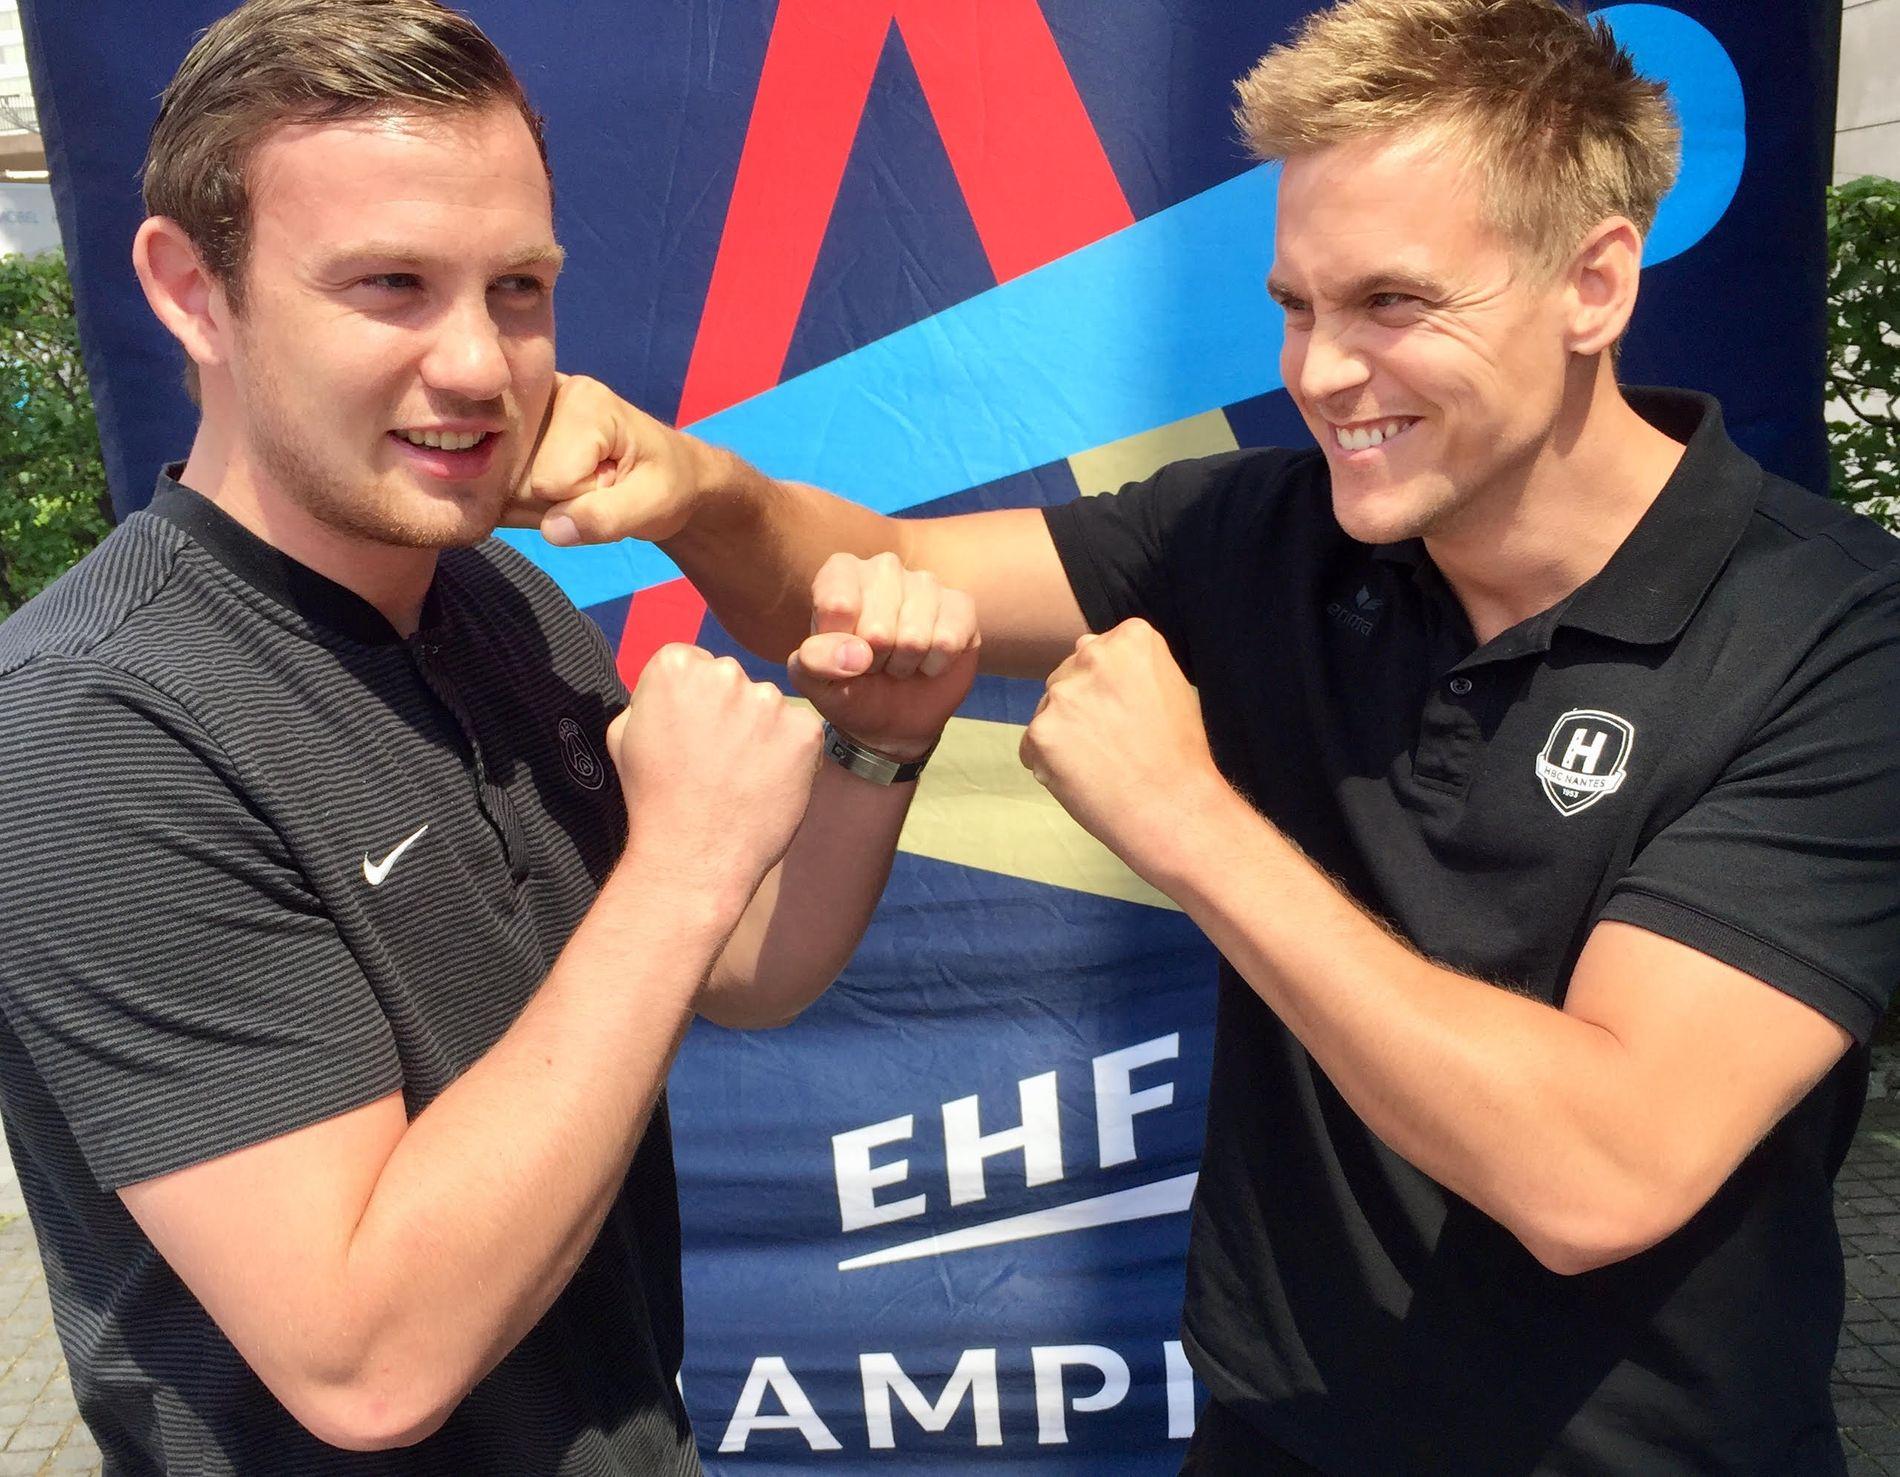 TIL ANGREP: Sander Sagosen og PSG er favoritter mot Nantes i Champions League-semifinalen. Men Espen Lie Hansen lover å angripe hardt lørdag ettermiddag.